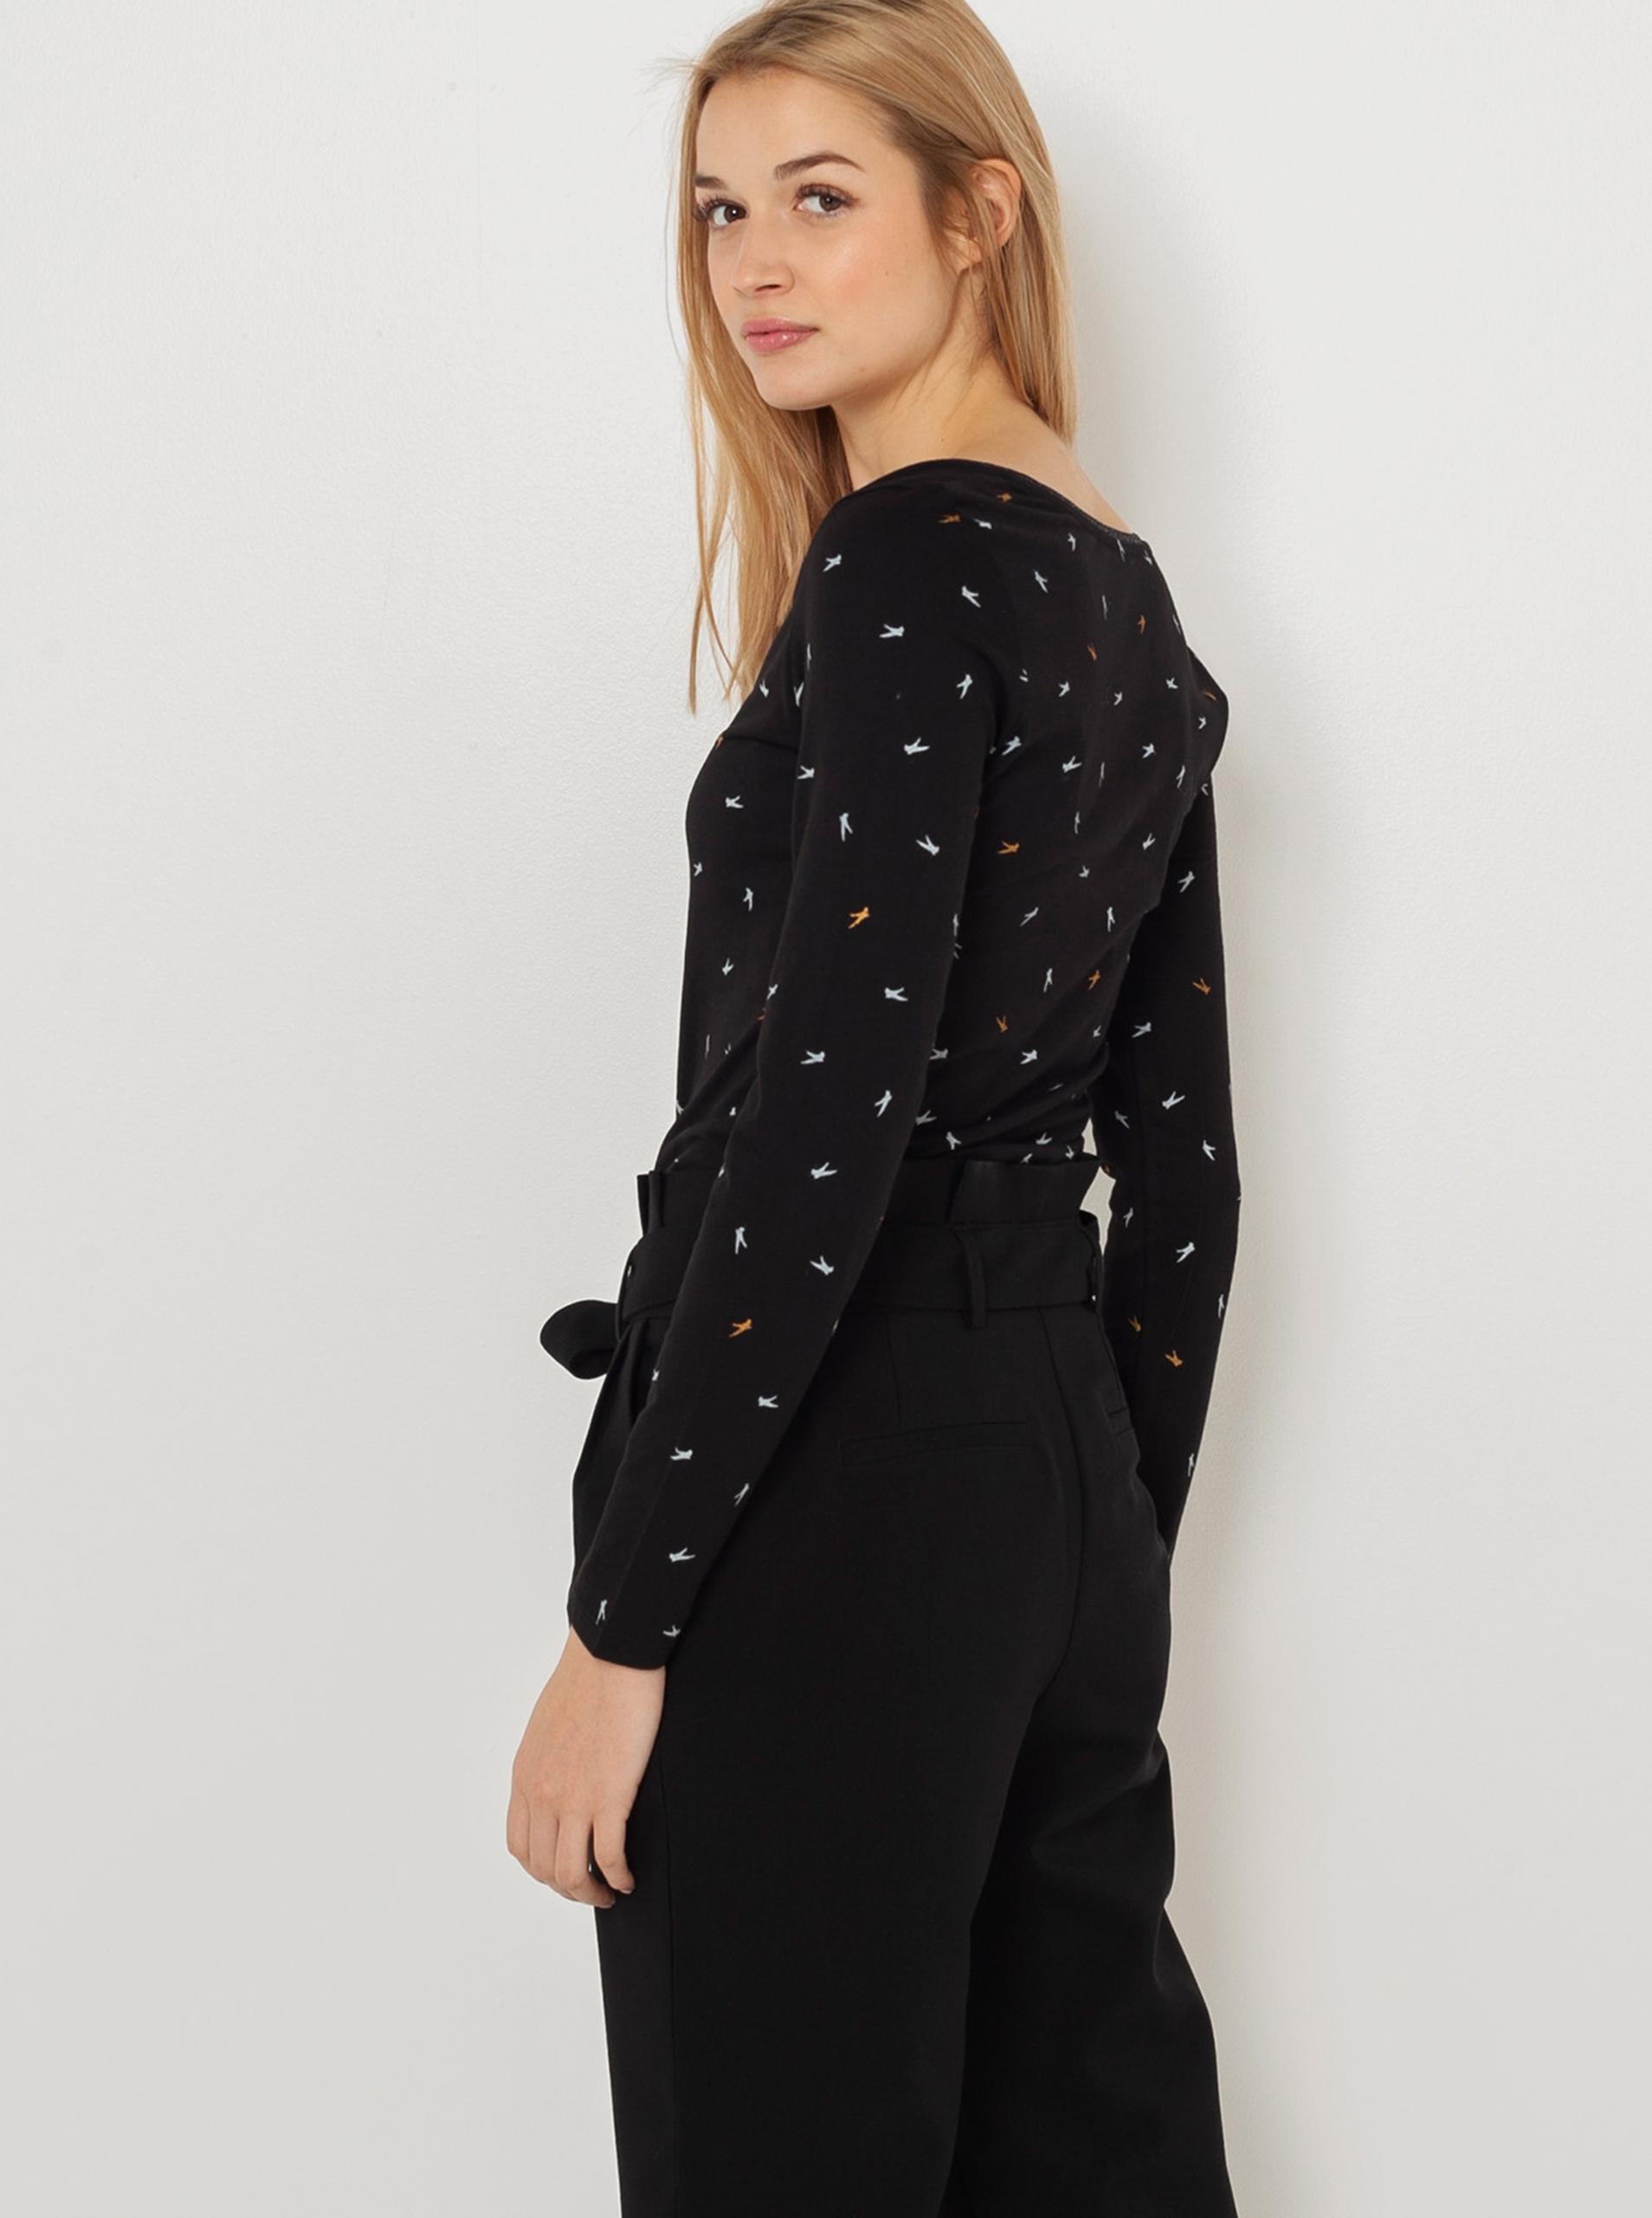 CAMAIEU czarny koszulka z wzorem